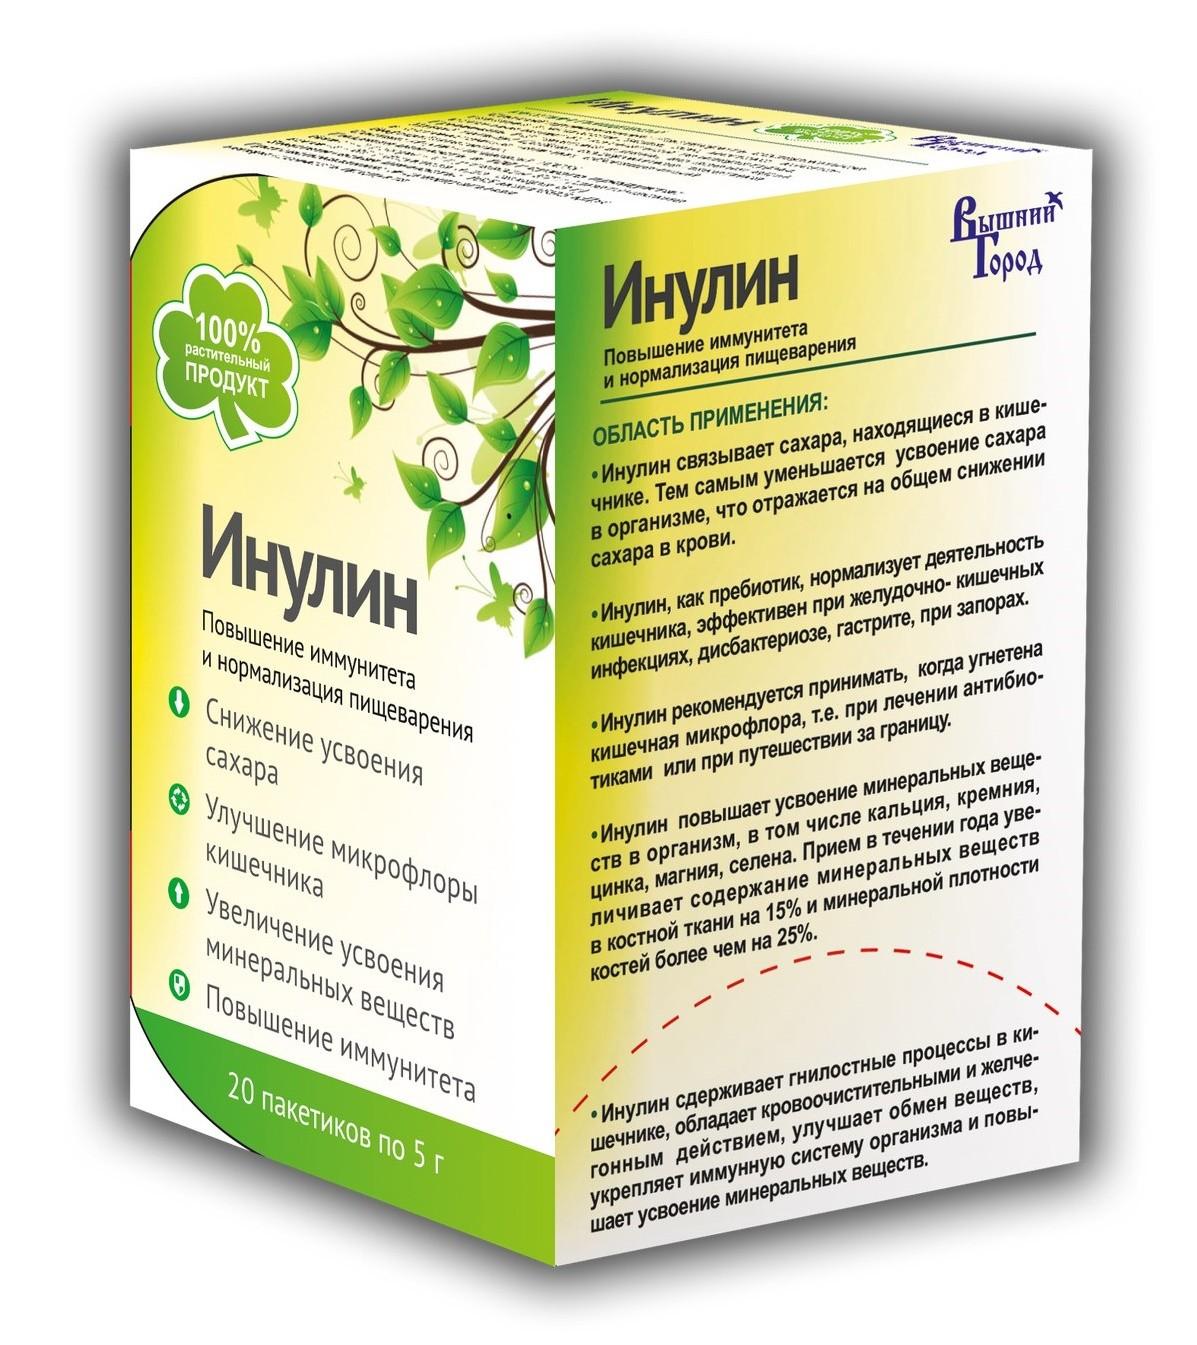 Инулин - что это такое, инструкция по применению, польза и вред препарата, цены